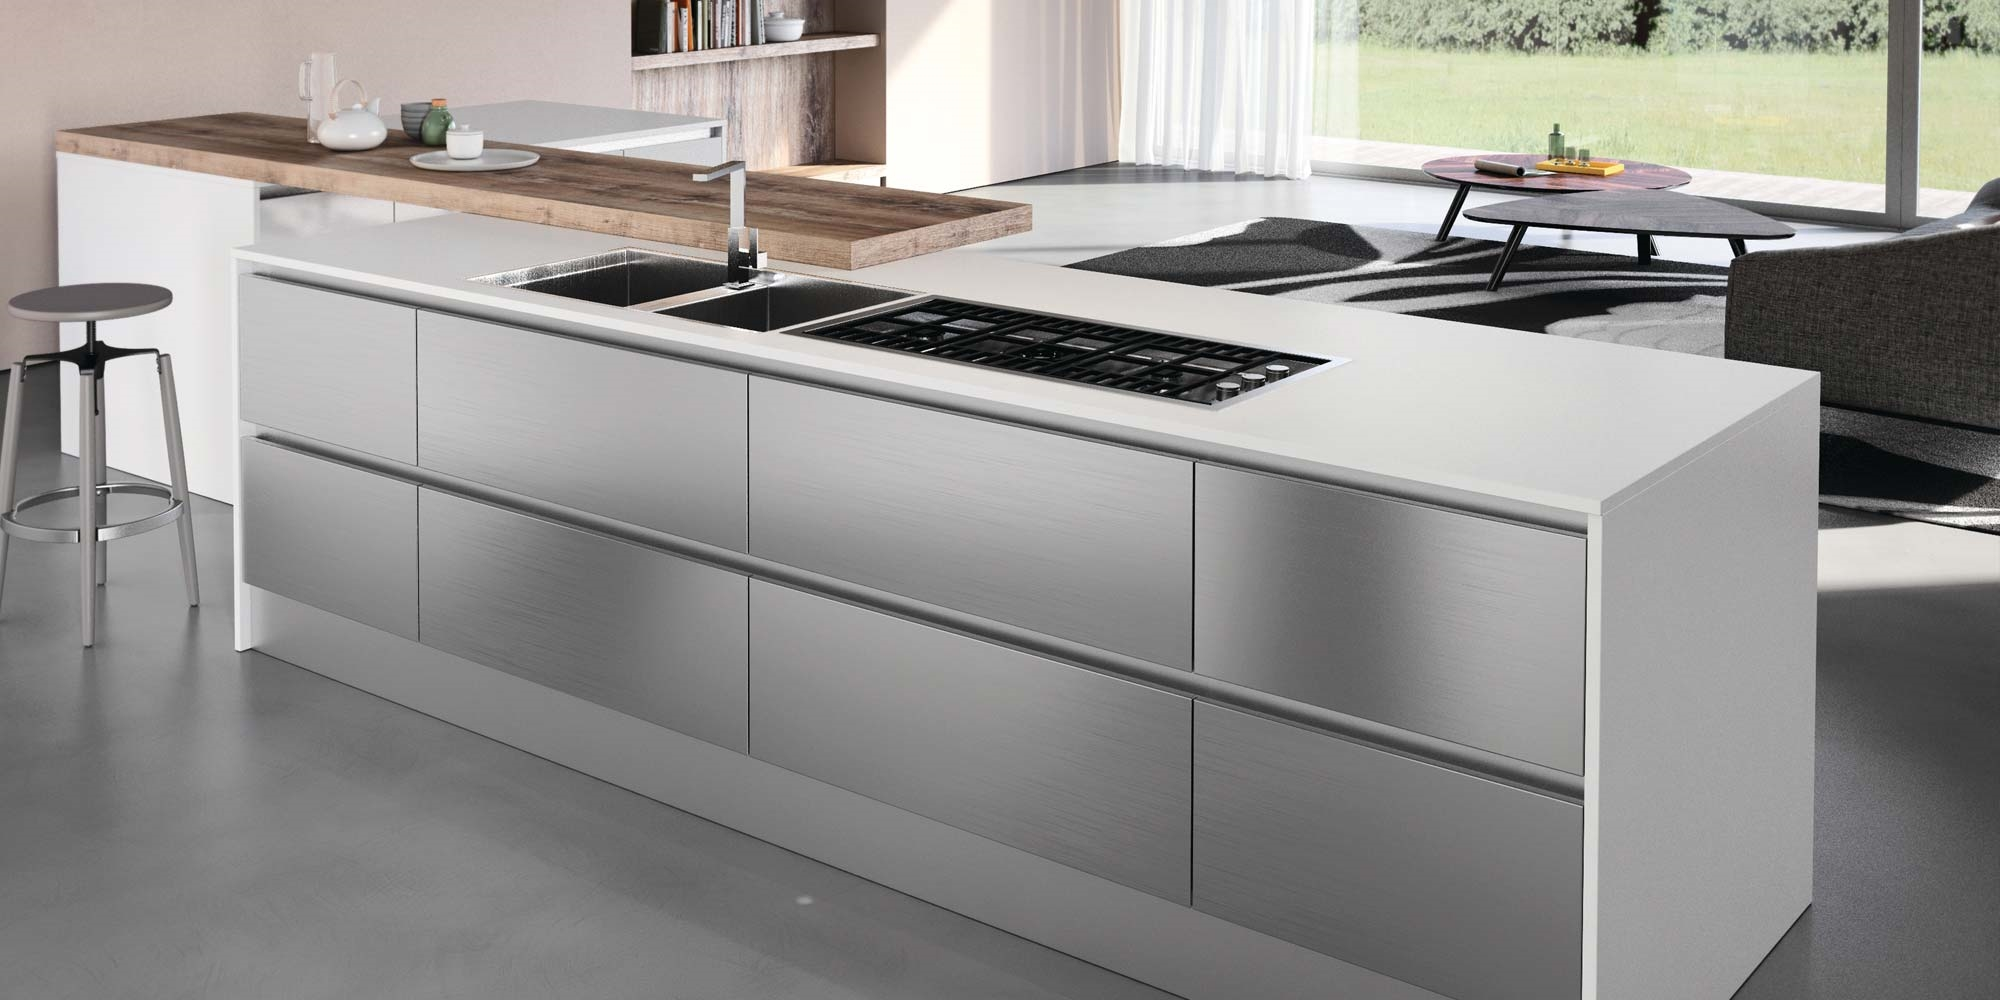 Maior cucine cucina steel con frontali in acciaio inox - Cucina in acciaio ...